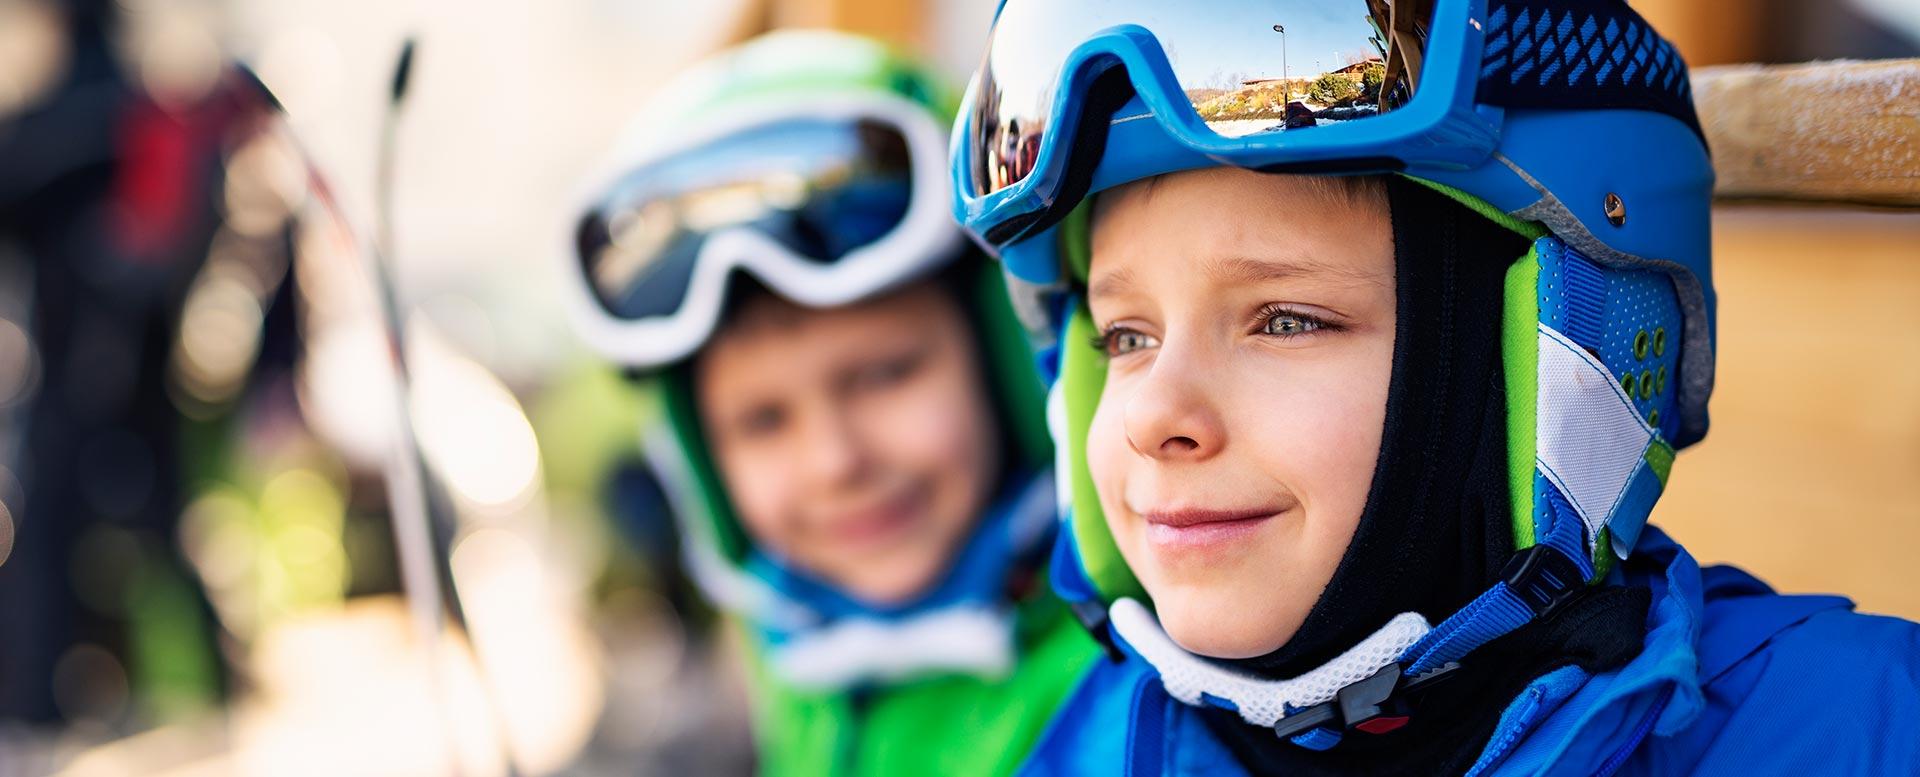 Das Skigebiet Tignes/Val d'Isère gilt als besonders familienfreundlich.